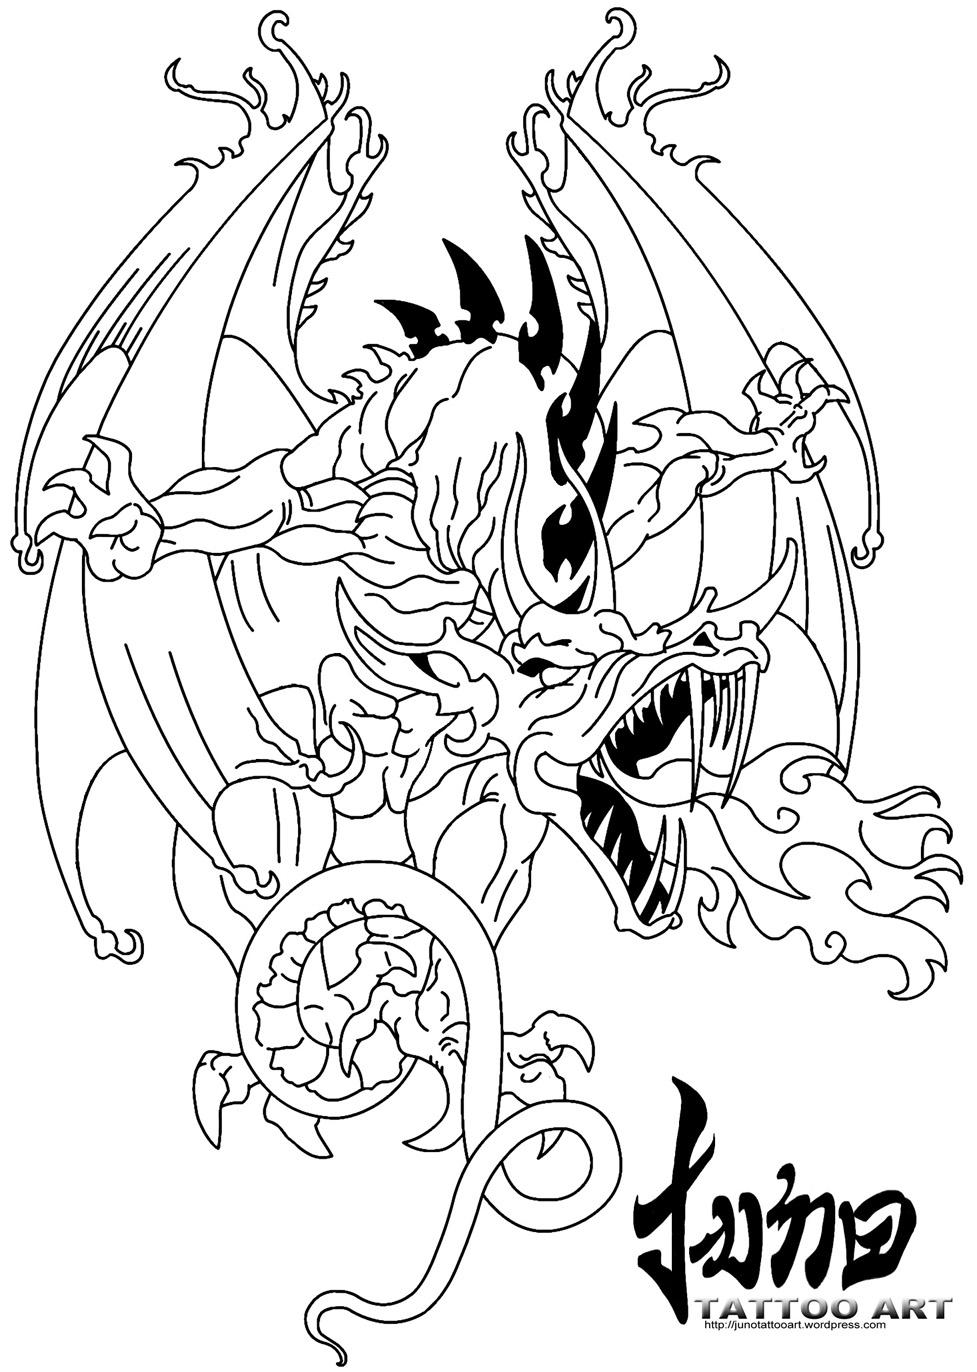 977x1372 Free Tattoo Creator Software, Free Star Tattoo Designs Stencils